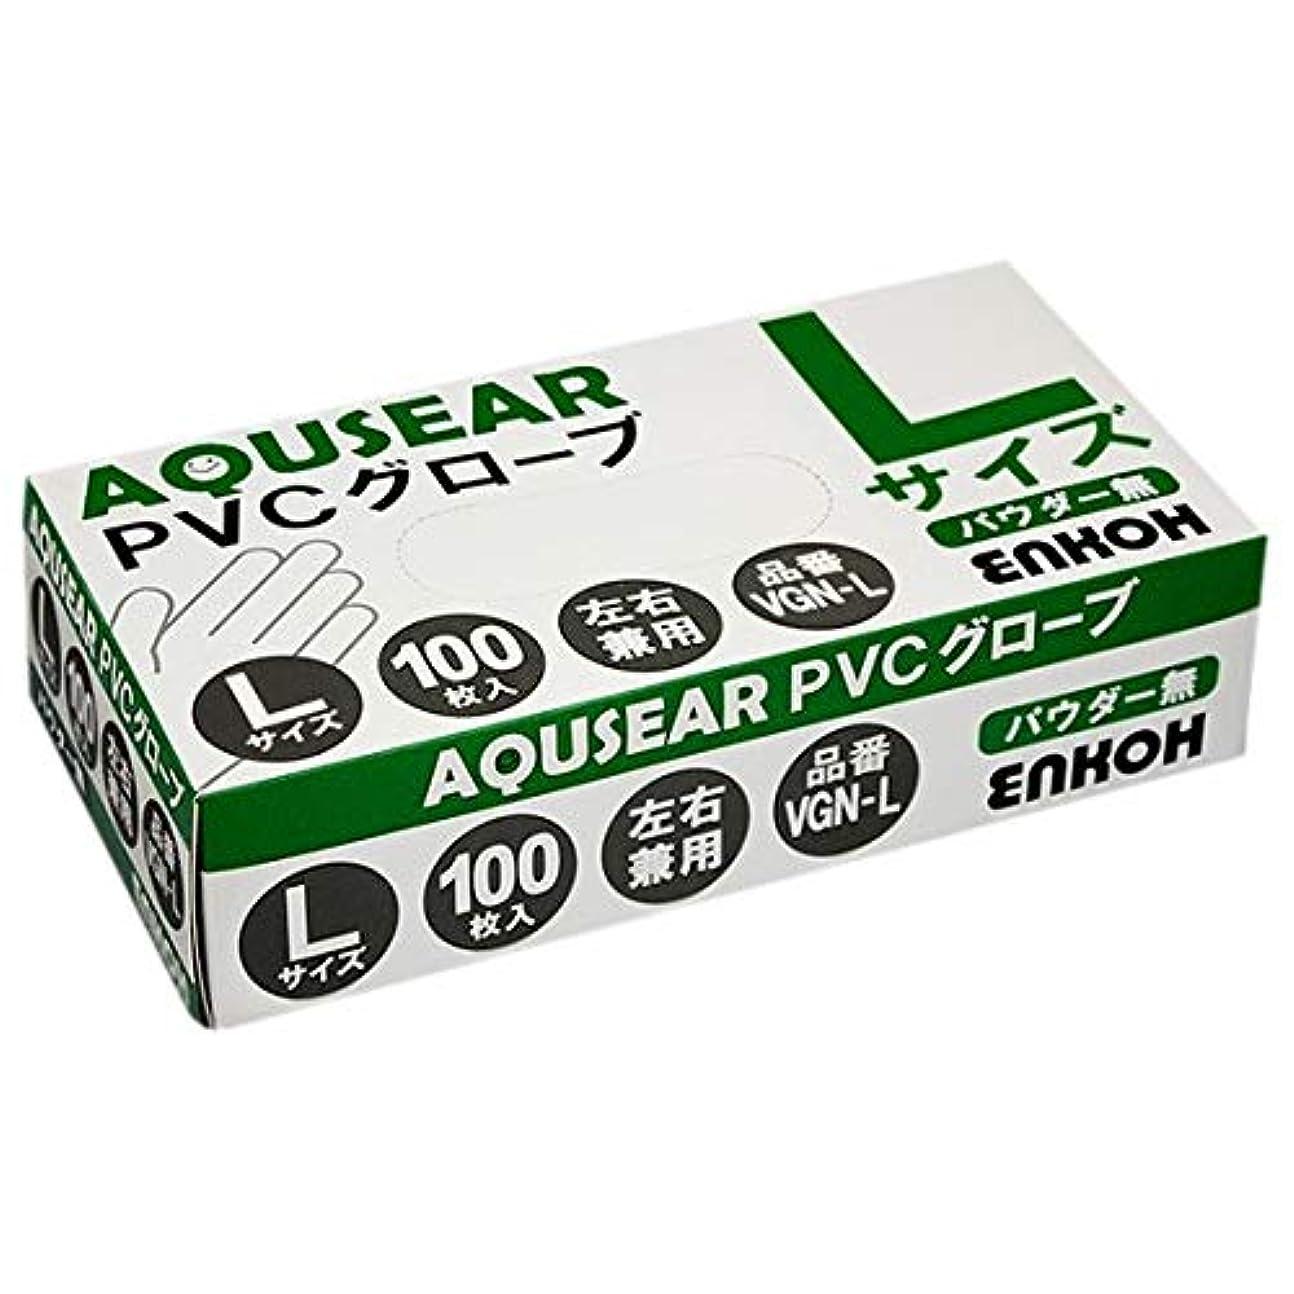 ほこり一生会うAQUSEAR PVC プラスチックグローブ Lサイズ パウダー無 VGN-L 100枚×20箱